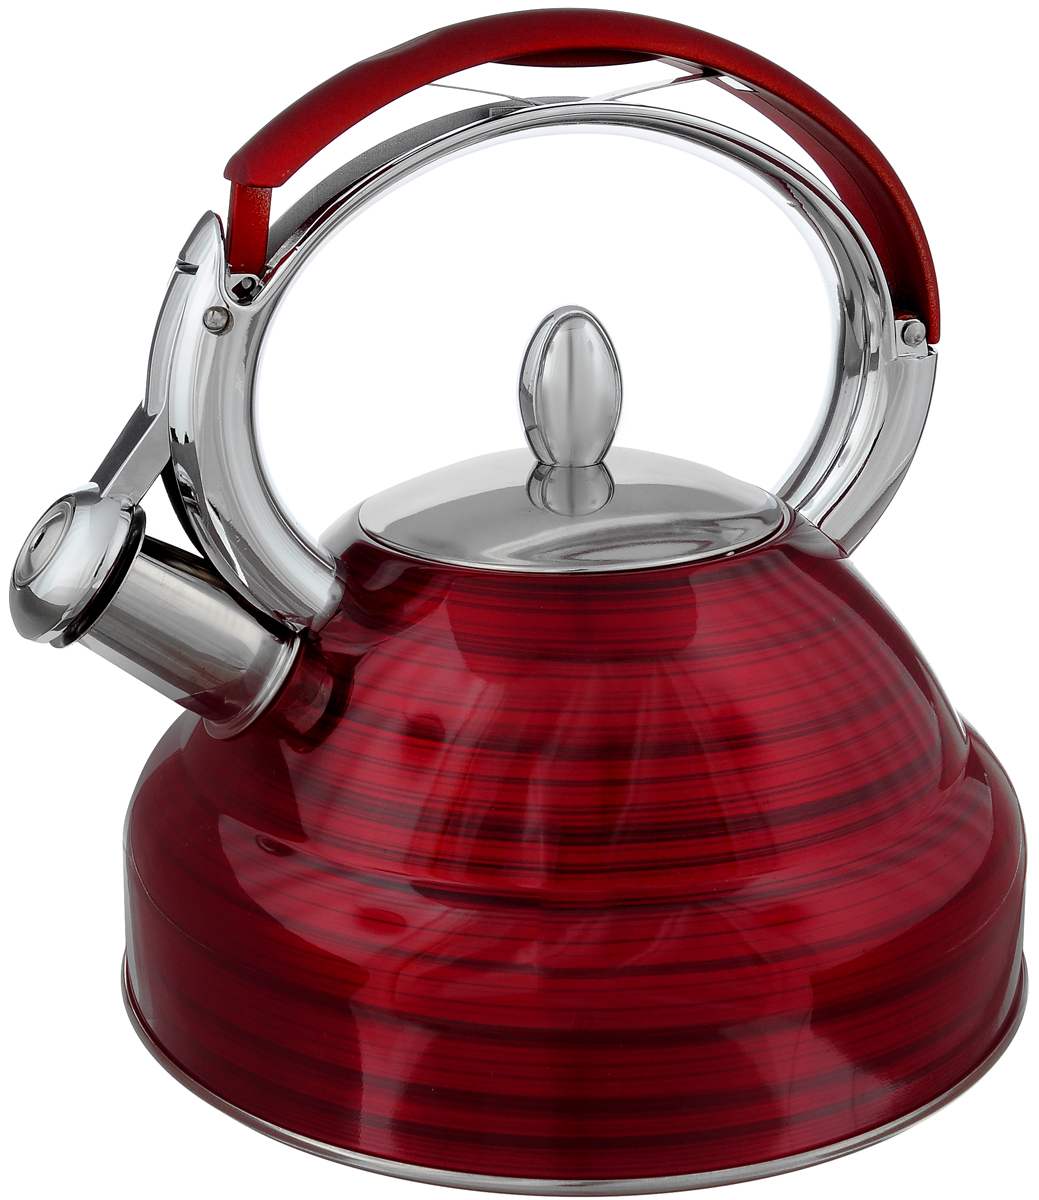 Чайник Mayer & Boch, со свистком, цвет: красный, 2,7 л. 23205ТУ-550спЧайник Mayer & Boch выполнен из высококачественной нержавеющей стали, что делает его весьма гигиеничным и устойчивым к износу при длительном использовании. Носик чайника оснащен насадкой-свистком, что позволит вам контролировать процесс подогрева или кипячения воды. Фиксированная ручка, изготовленная из нейлона и цинка, дает дополнительное удобство при разлитии напитка. Поверхность чайника гладкая, что облегчает уход за ним. Эстетичный и функциональный, с эксклюзивным дизайном, чайник будет оригинально смотреться в любом интерьере.Подходит для всех типов плит, включая индукционные. Можно мыть в посудомоечной машине.Высота чайника (без учета ручки и крышки): 11,5 см.Высота чайника (с учетом ручки и крышки): 24 см.Диаметр чайника (по верхнему краю): 10 см.